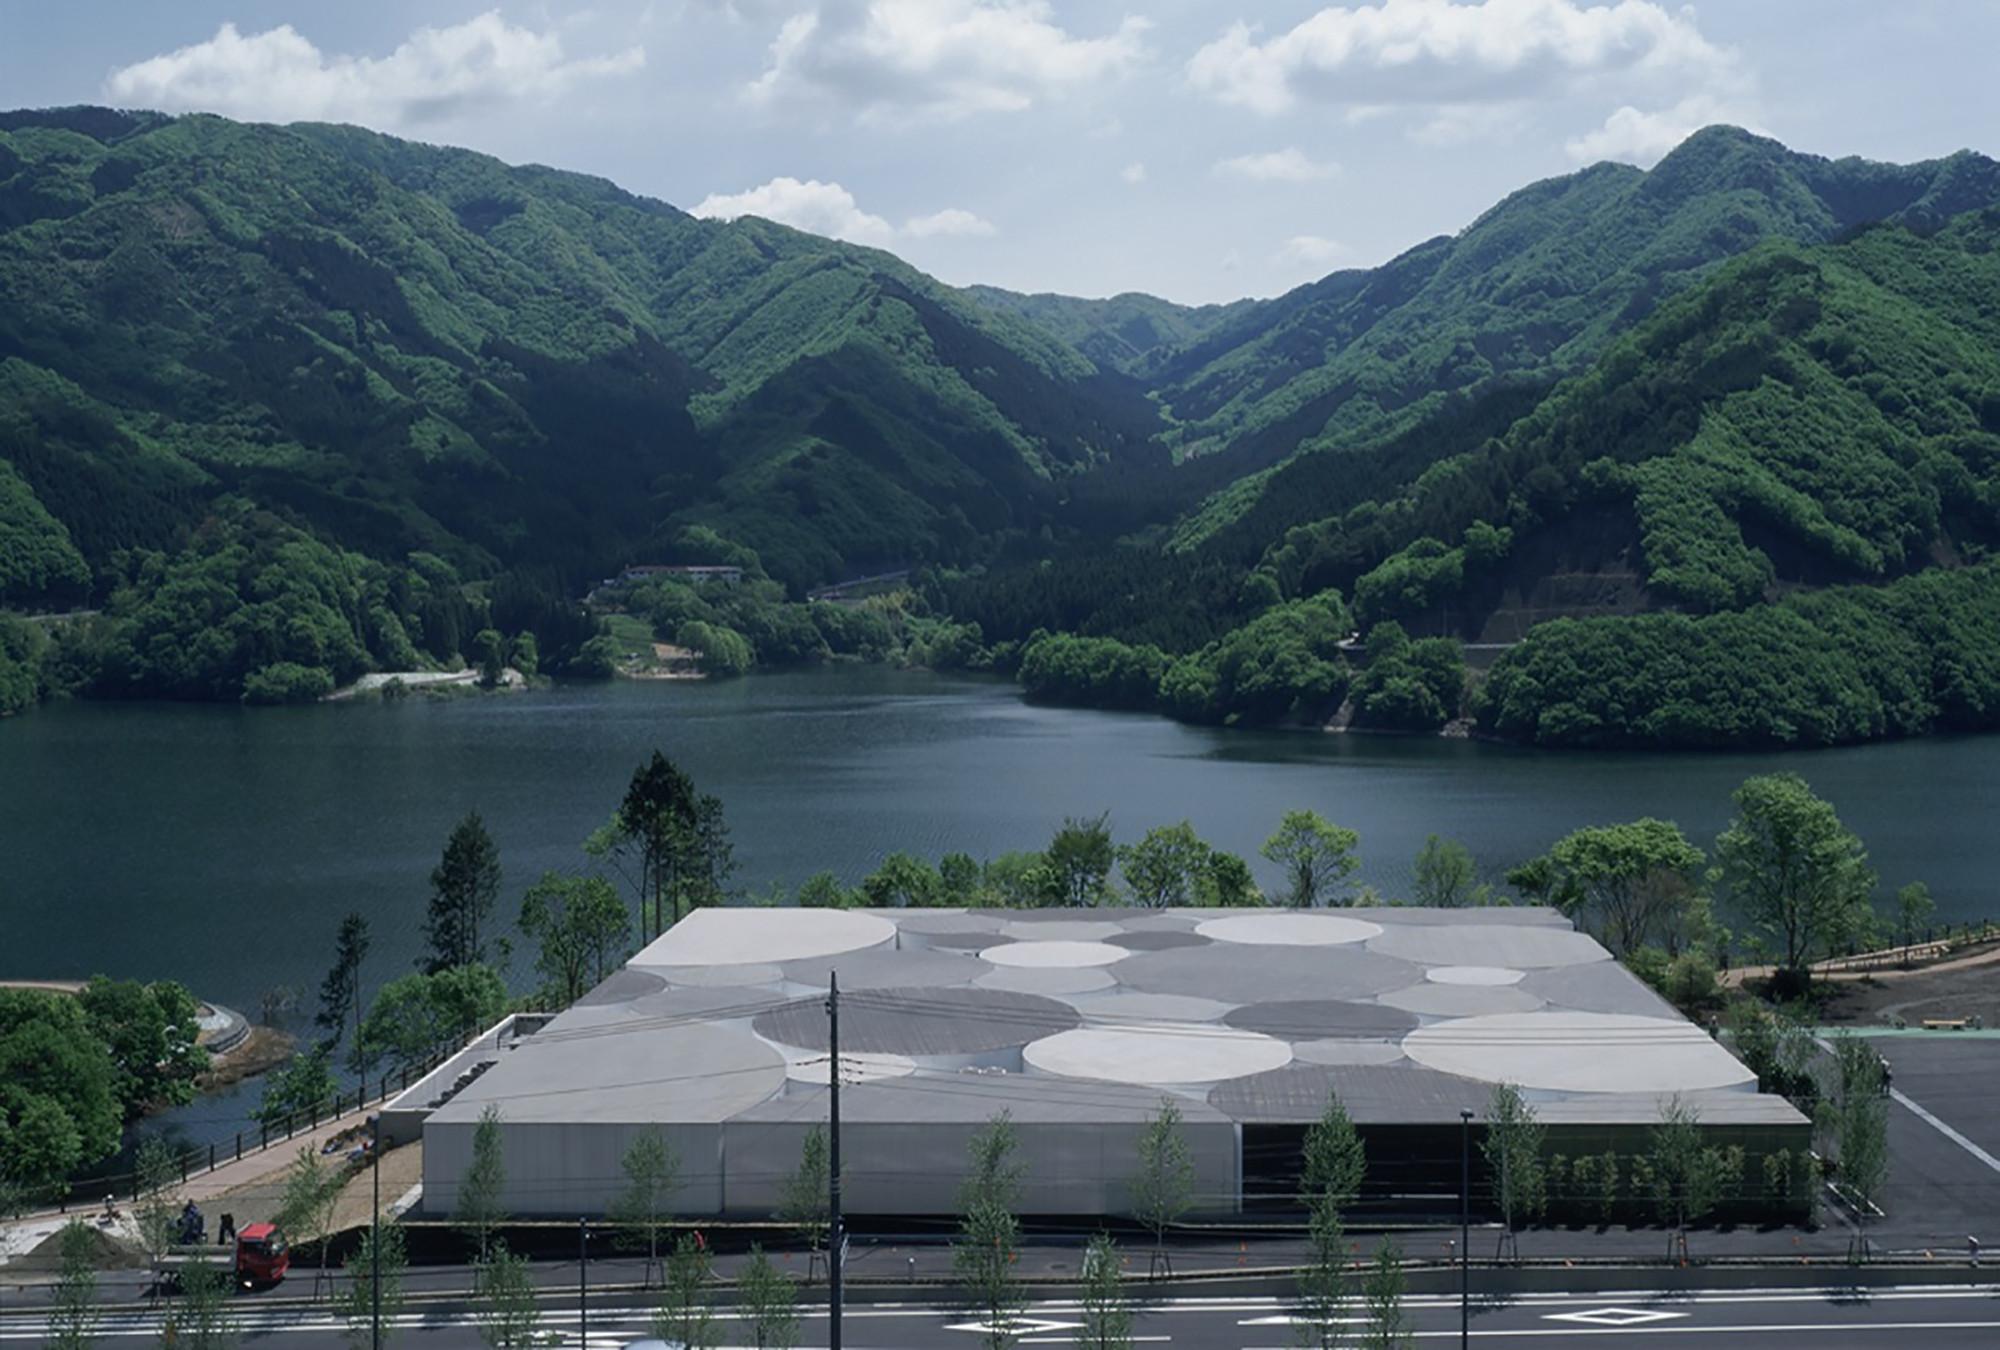 Museo de Arte Tomihiro / aat + makoto yokomizo, © Shigeru Ohno